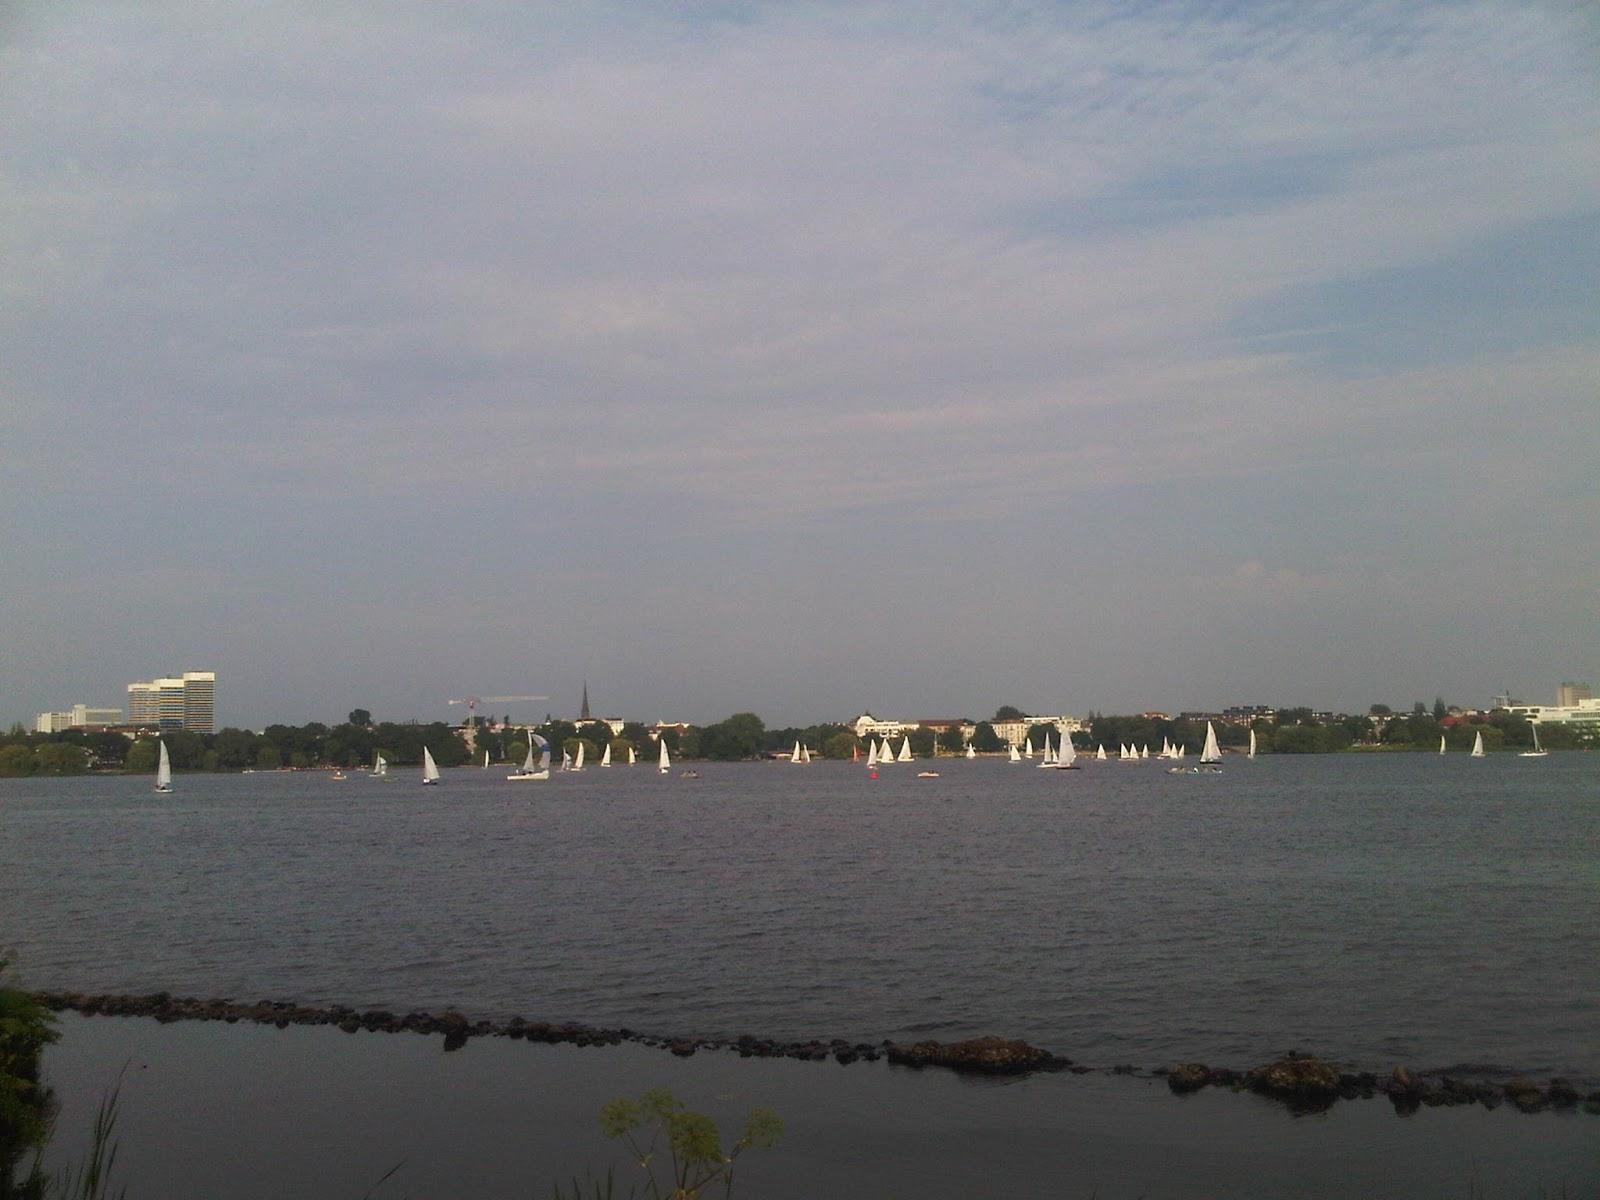 Außenalster mit Segelschiffen, Wasser, Himmel mit Wolken, Mundsburgtowers im Hintergrund.